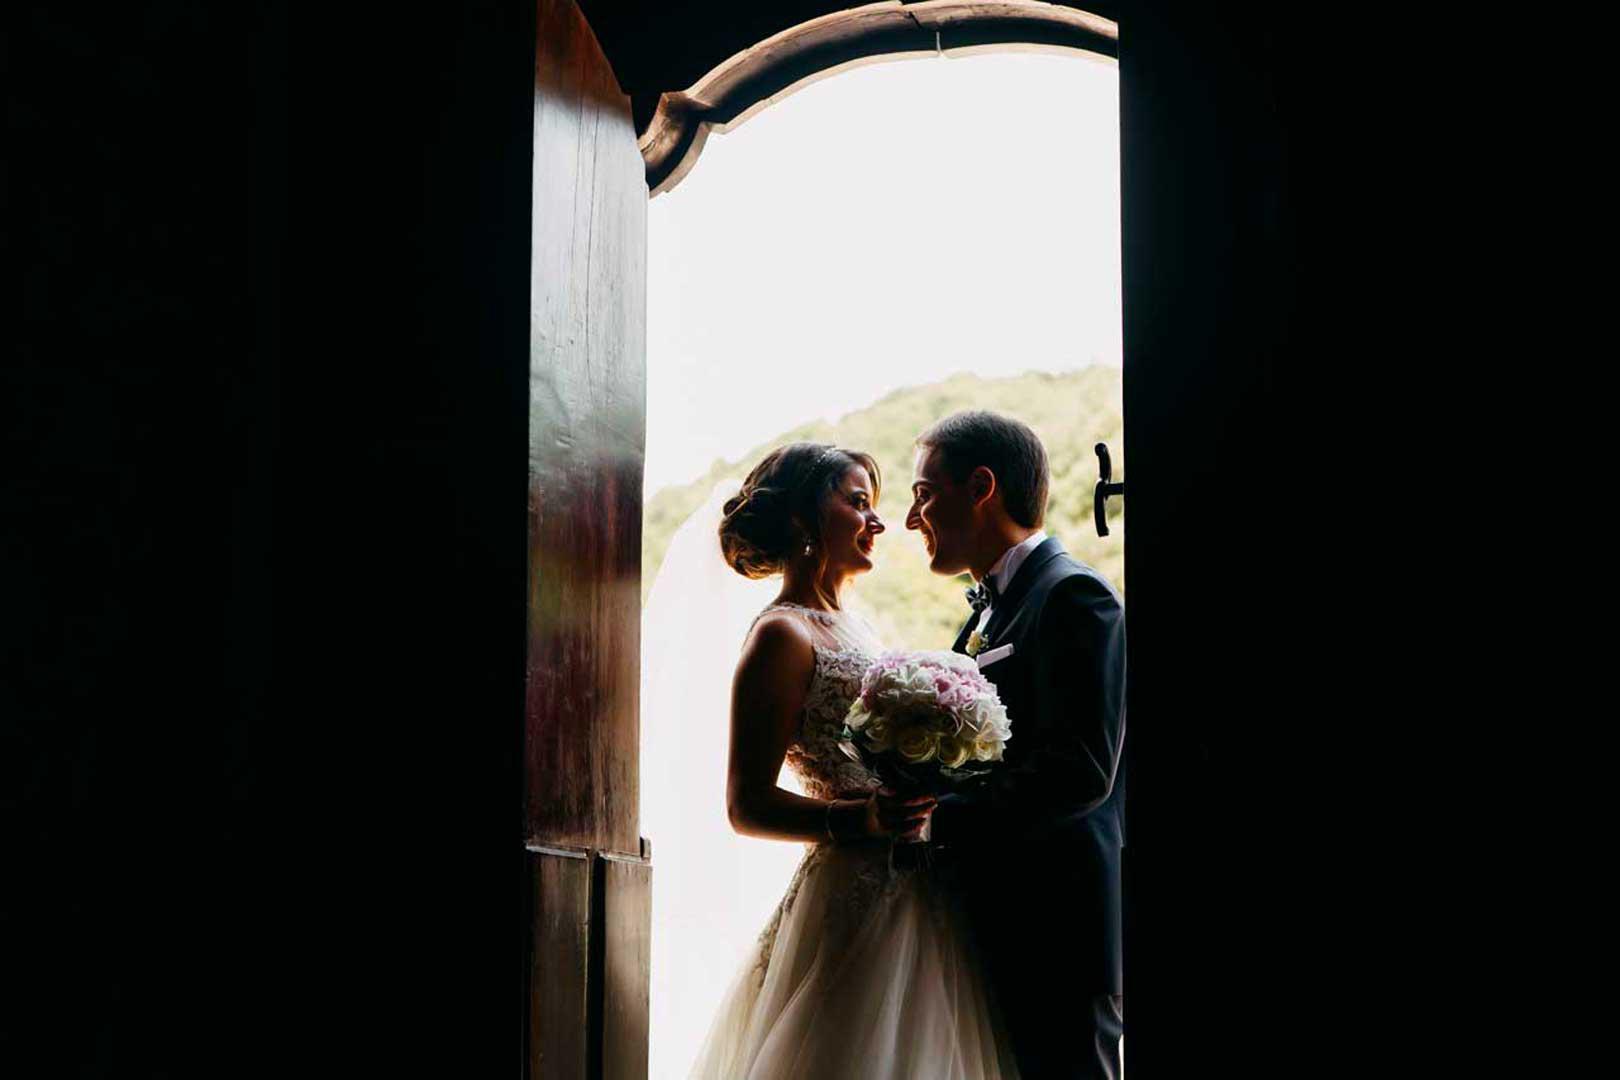 023-sposi-matrimonio-foggia-gianni-lepore-fotografo